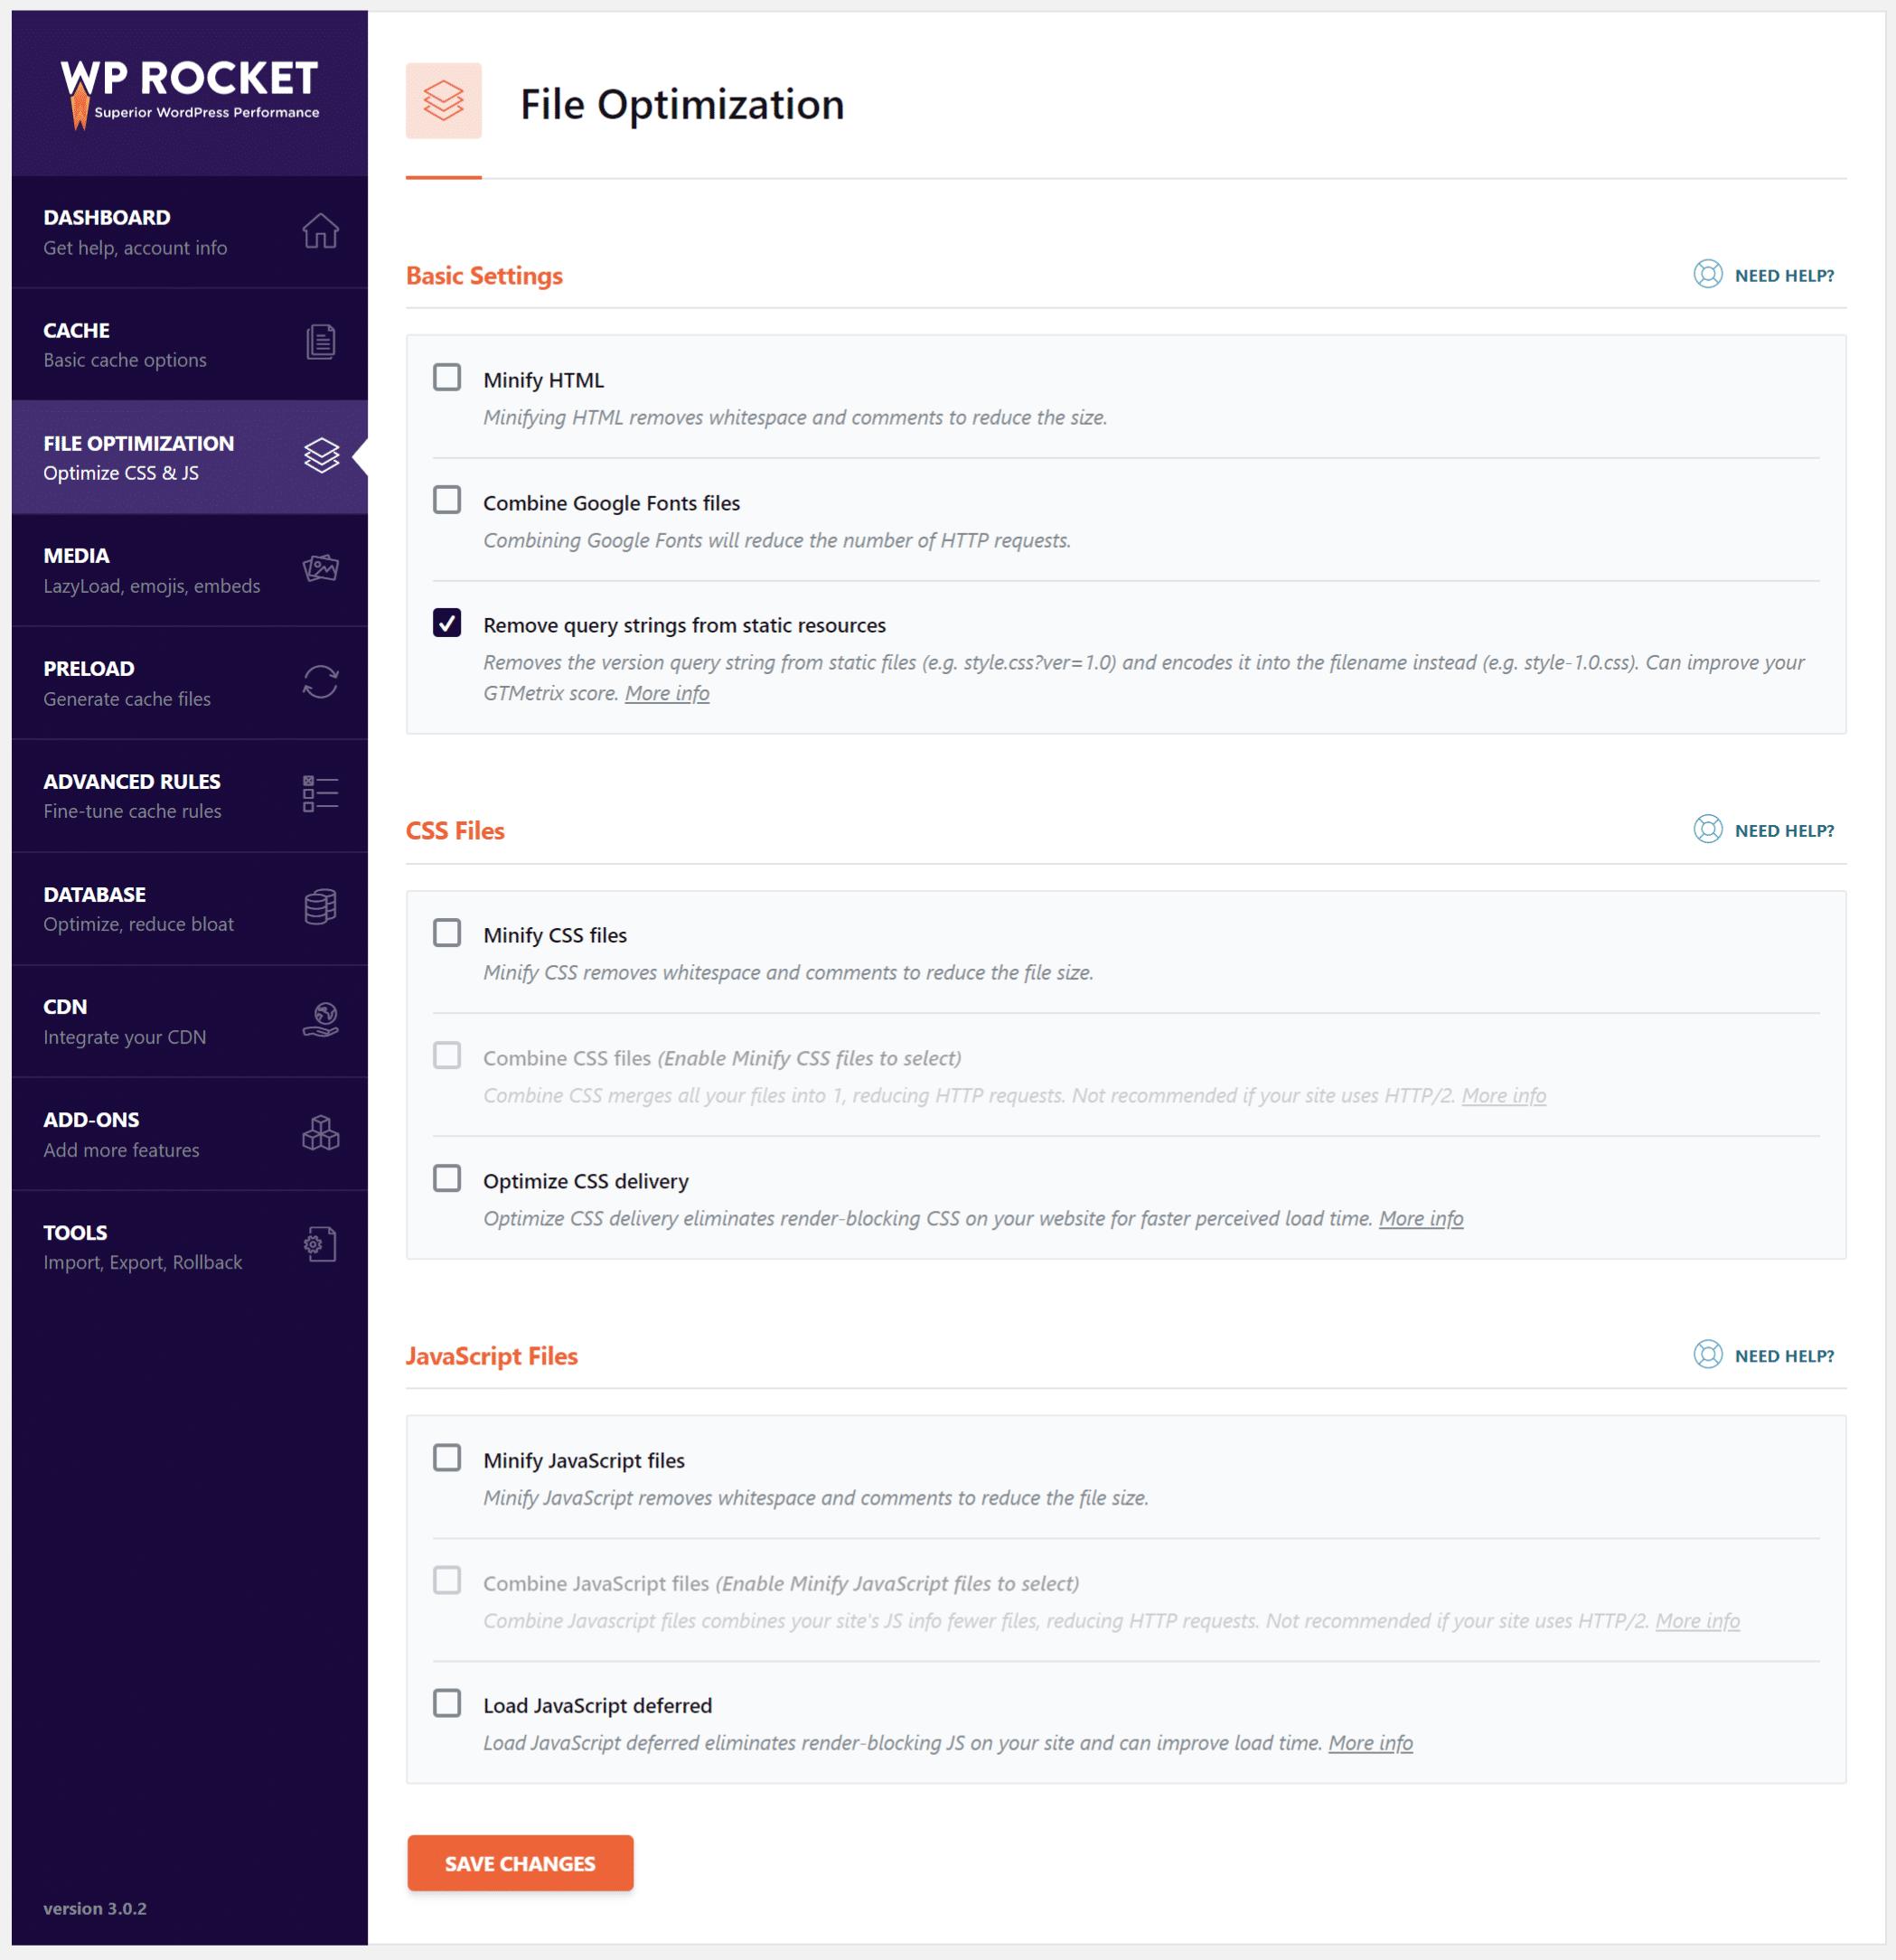 Otimização de arquivos no WP Rocket